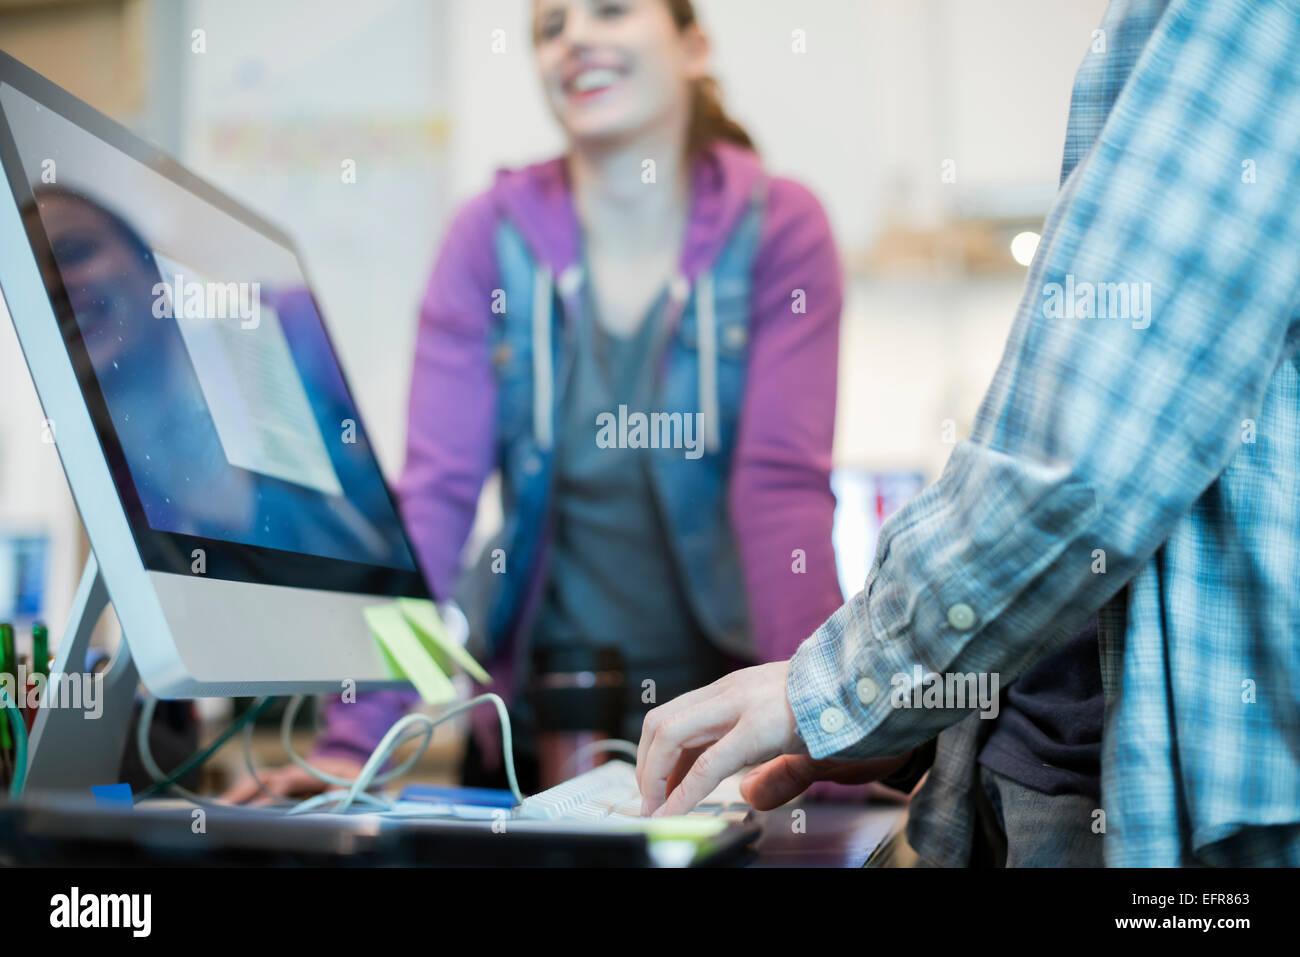 Dos personas en una tienda de reparación de equipo, uno escribiendo y comprobando la pantalla de un monitor. Imagen De Stock